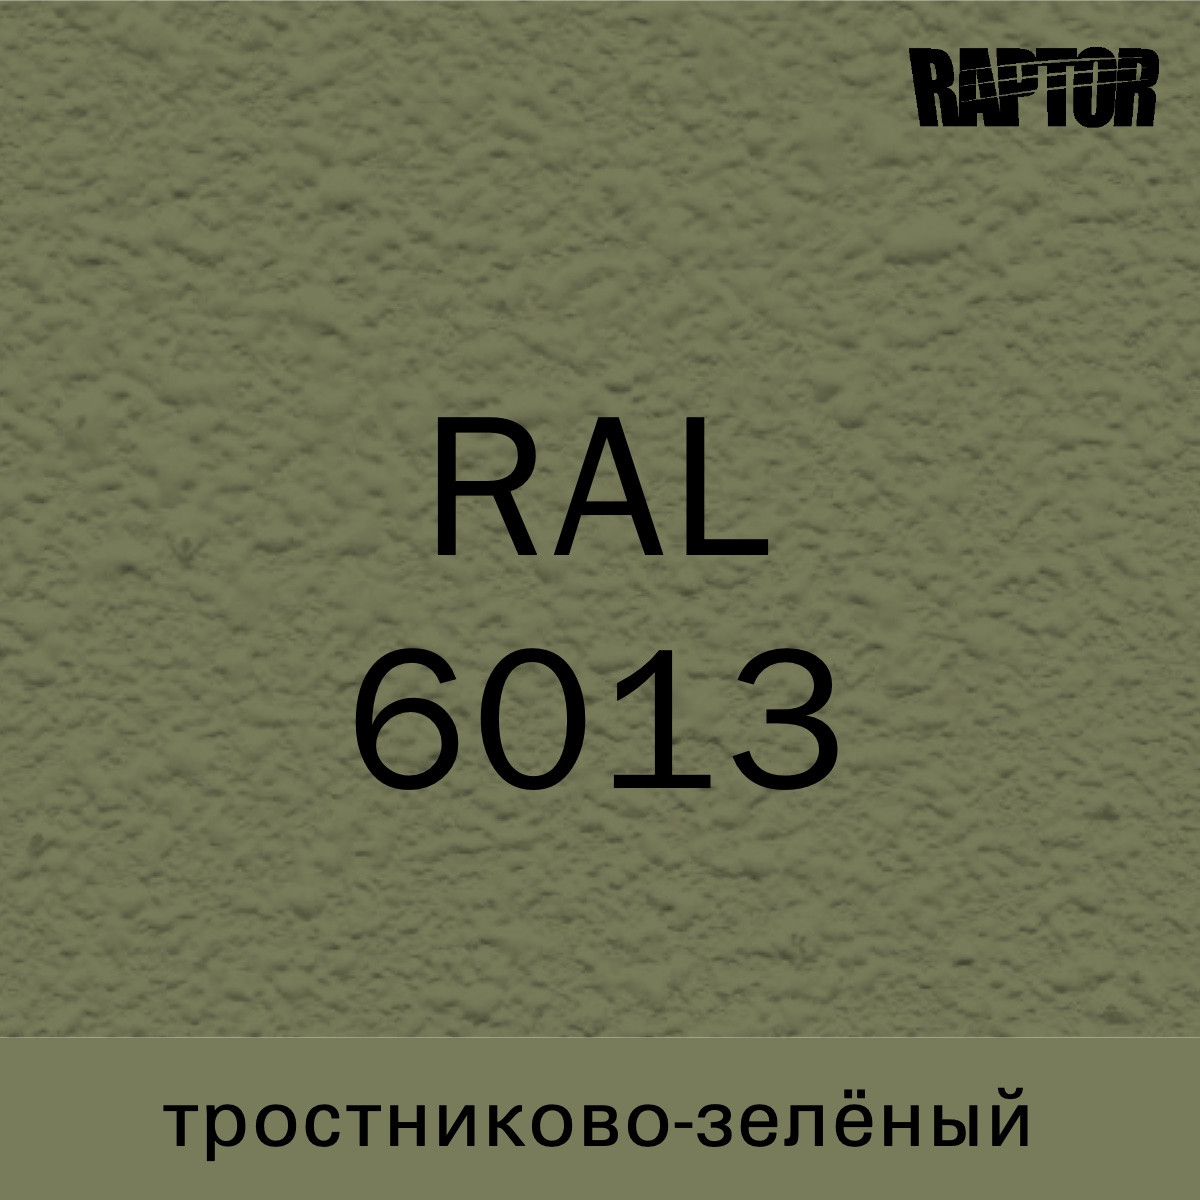 Пигмент для колеровки покрытия RAPTOR™ Тростниково-зелёный (RAL 6013)